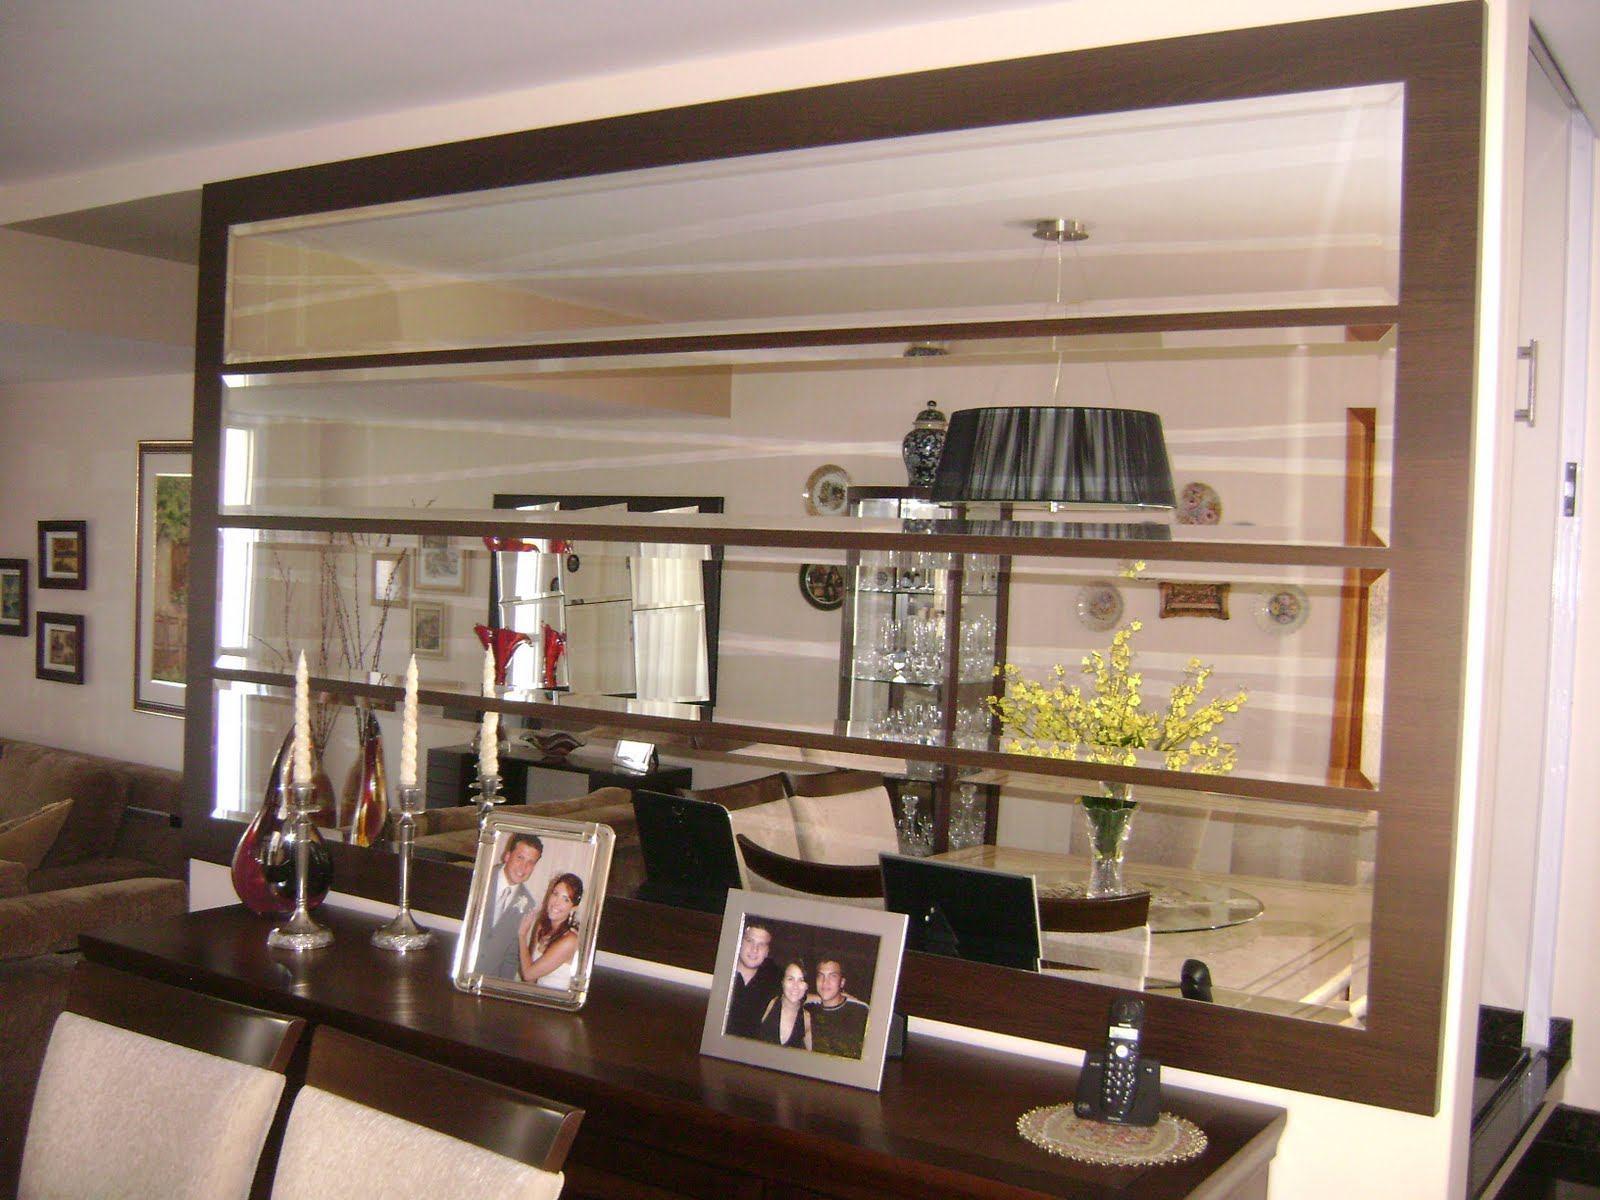 Tudo O Que Voc Precisa Saber Sobre Espelho Bisot Ps Do Vidro -> Sala De Jantar Pequena Com Espelho Na Parede